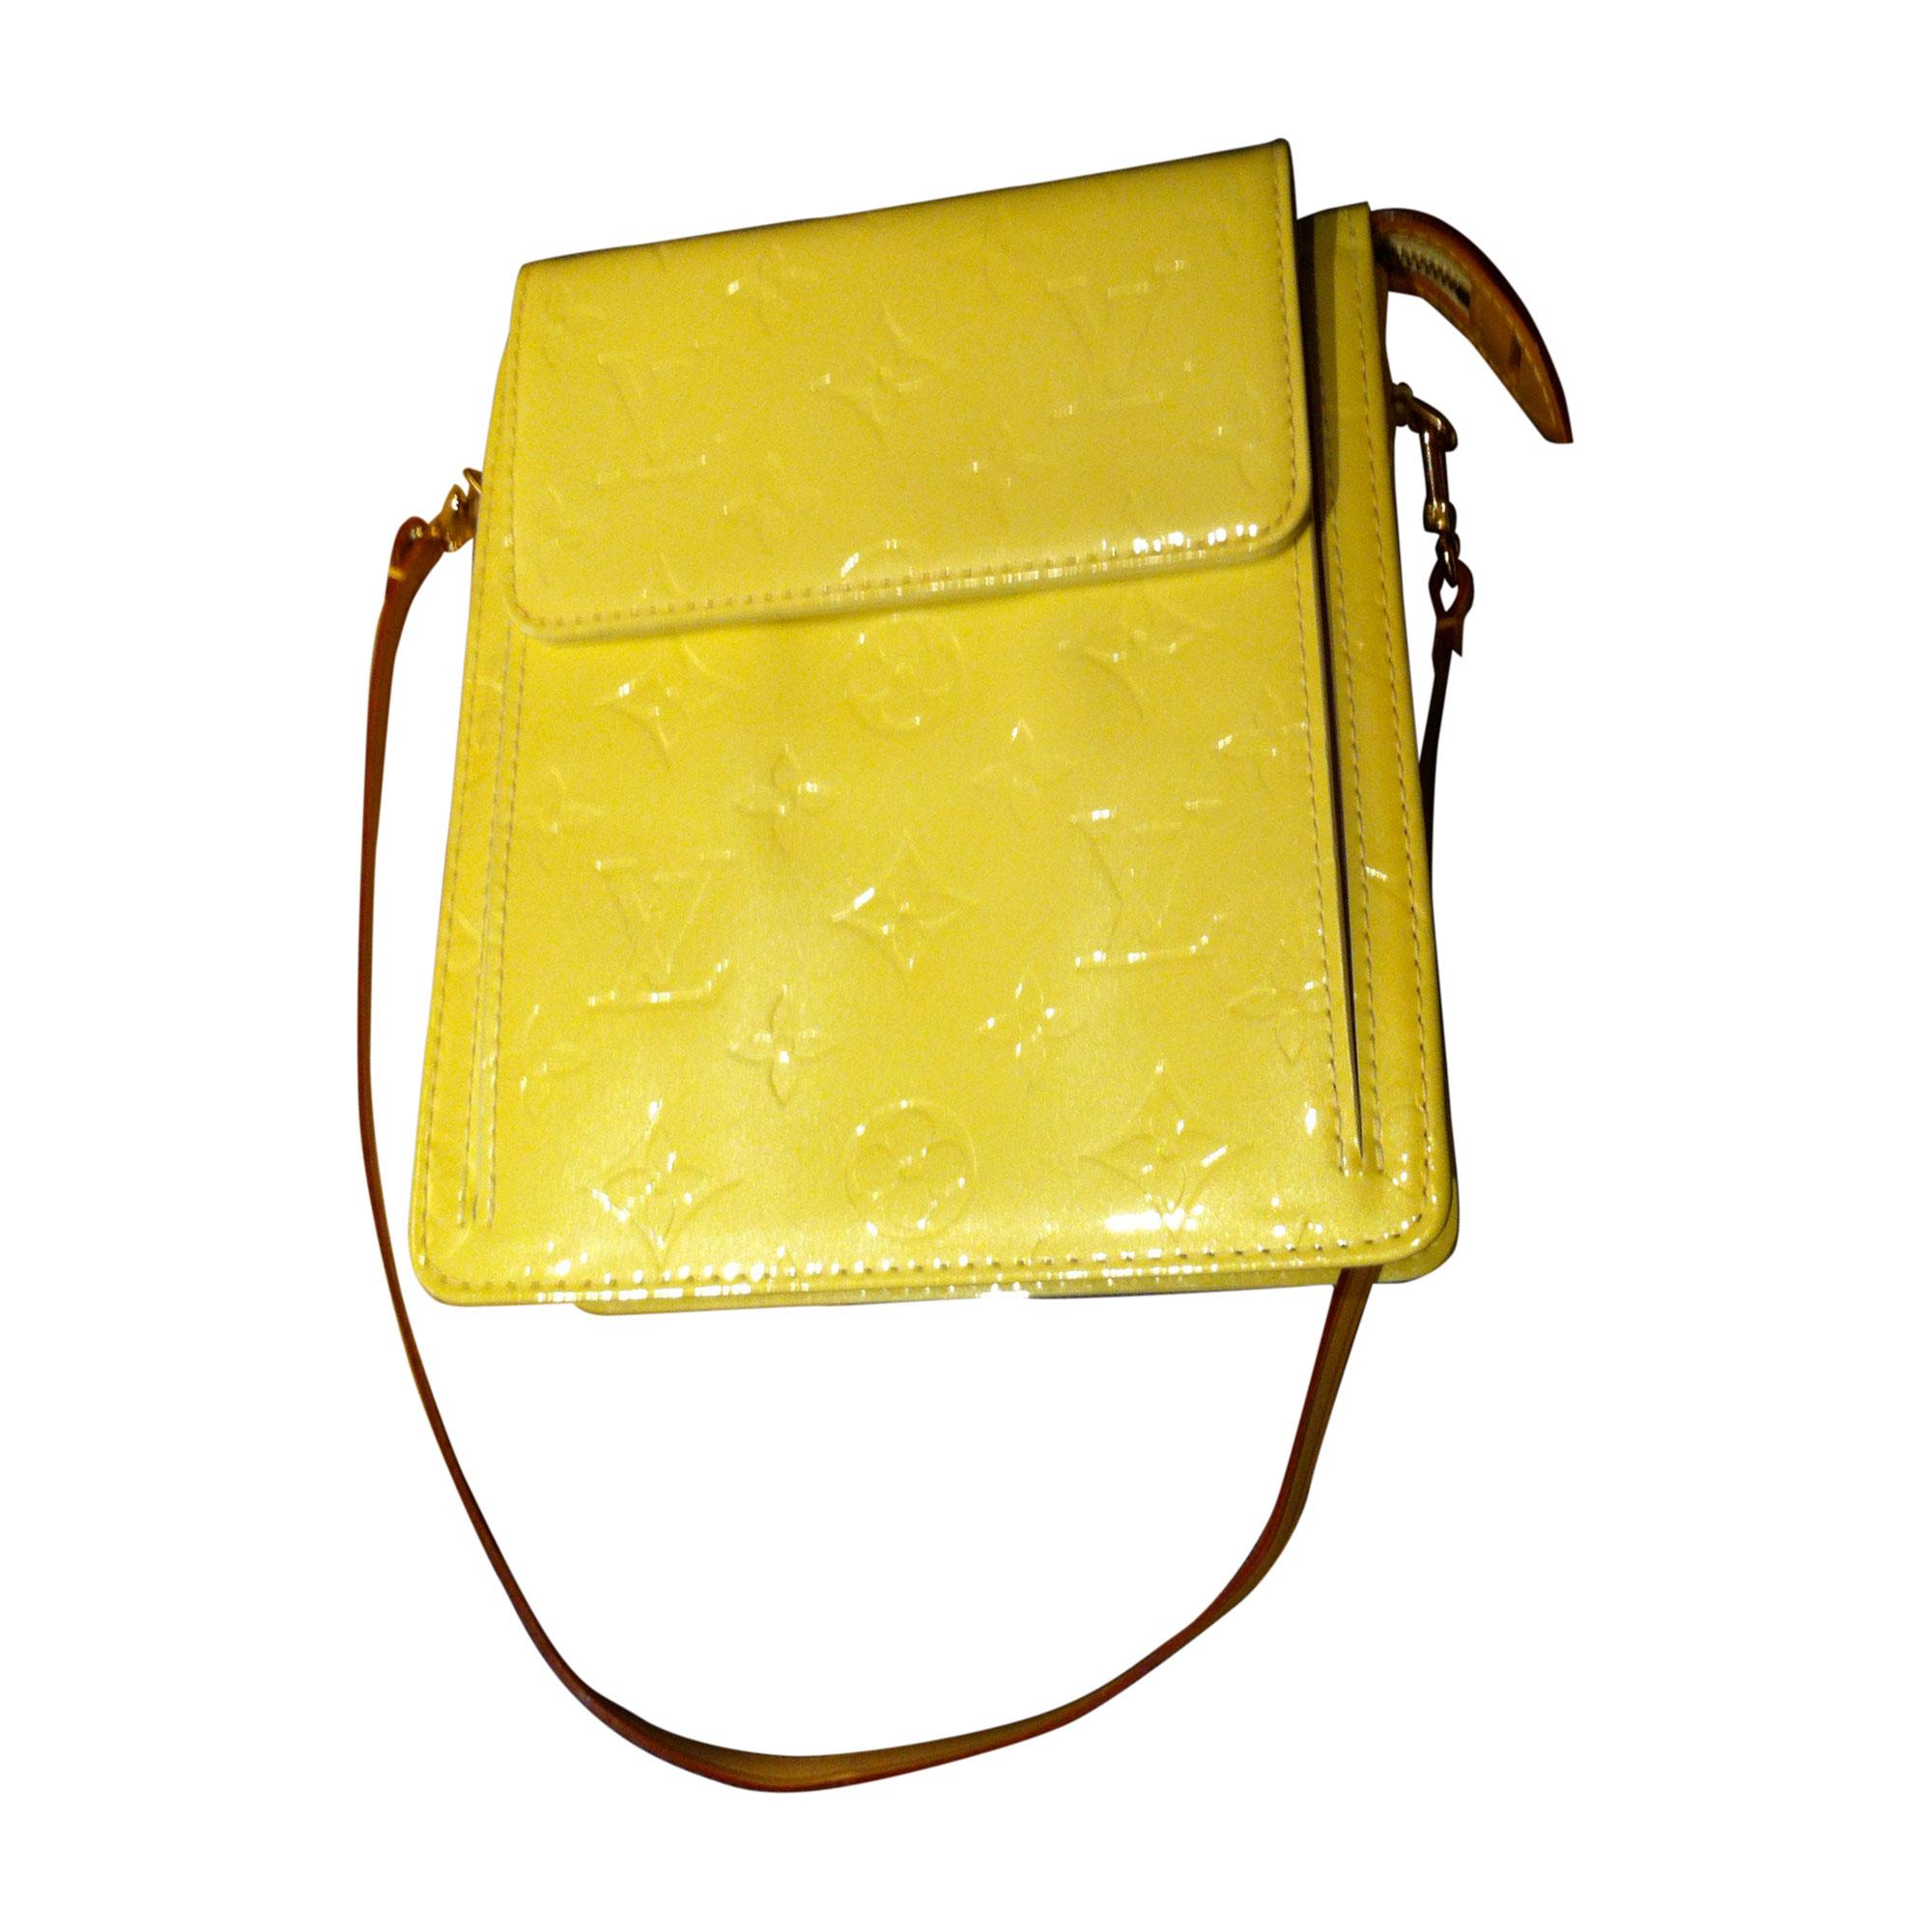 Sac pochette en cuir LOUIS VUITTON jaune - 4917829 c5563069ae3